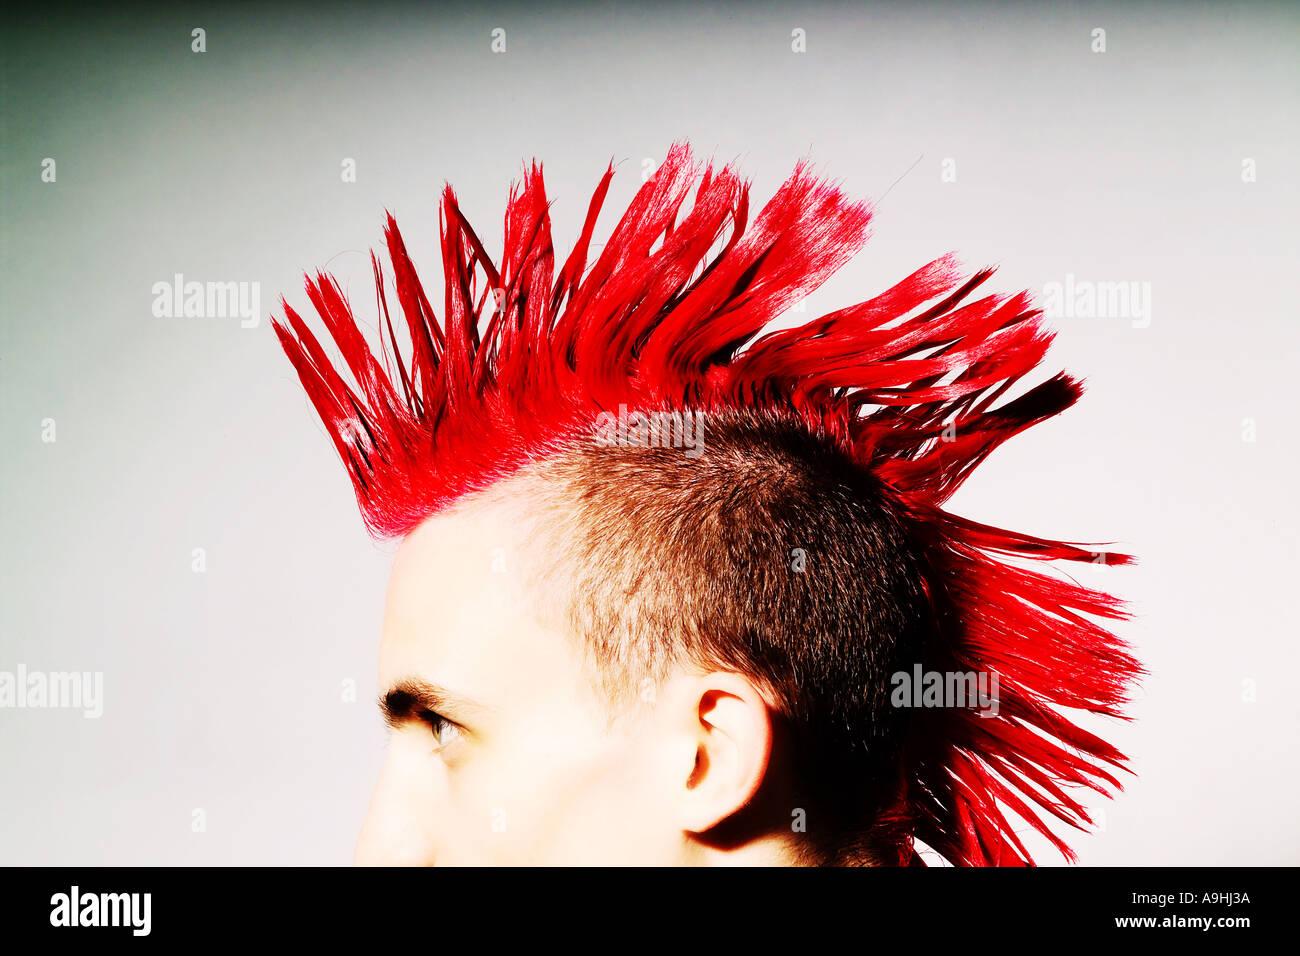 Seitenansicht des Punk-Rocker mit roten Irokesenschnitt Stockbild